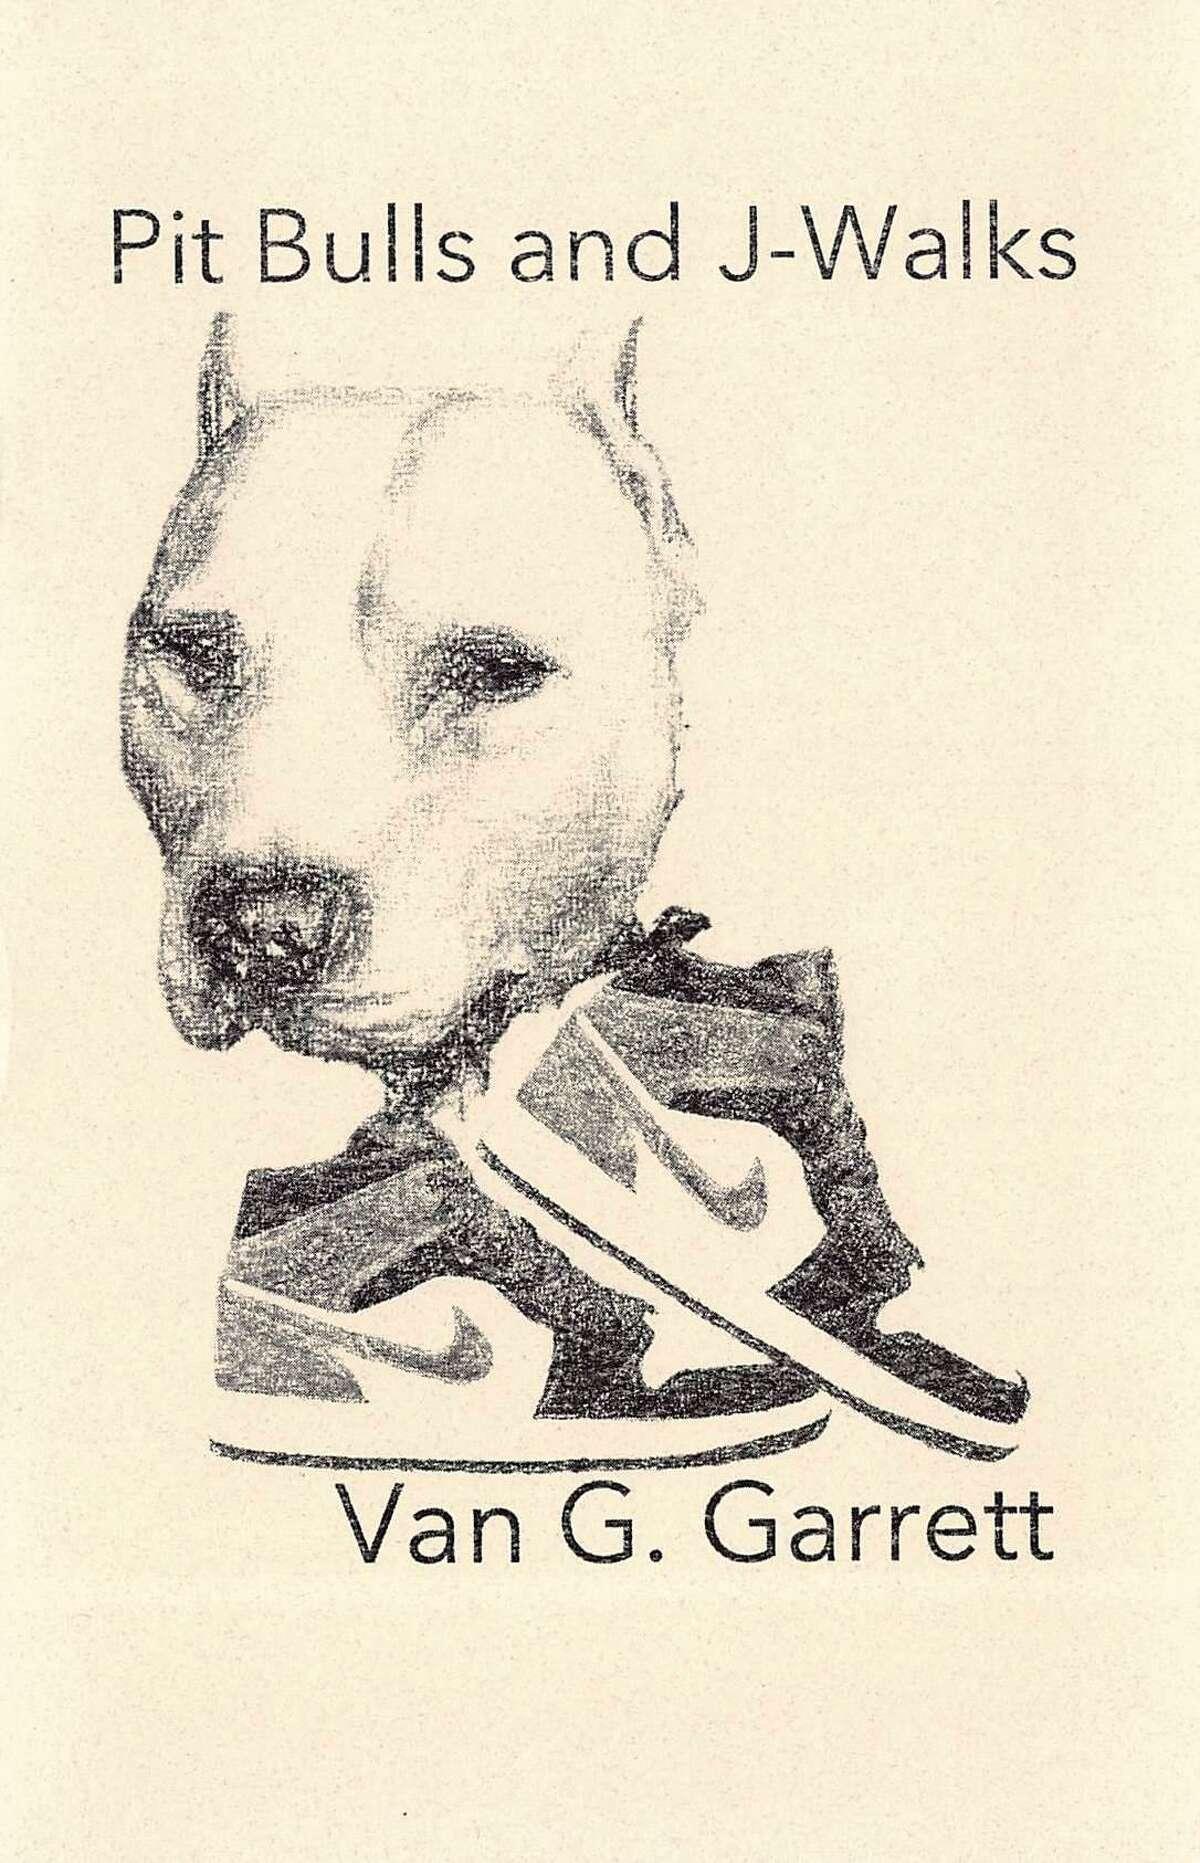 Houston poet Van G. Garrett